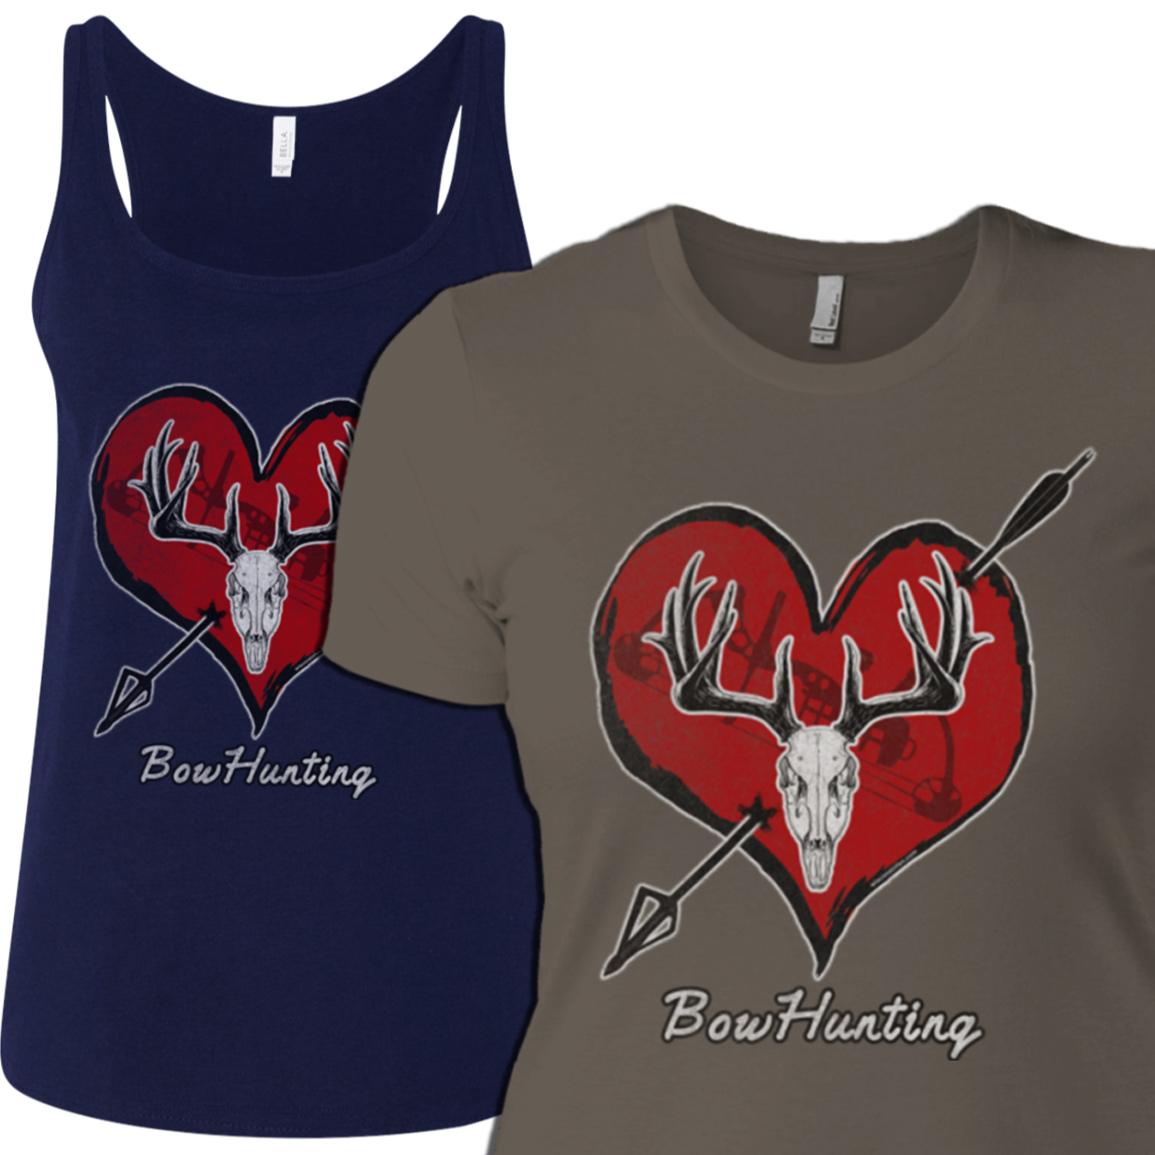 womens-bowhunting-tshirt-design